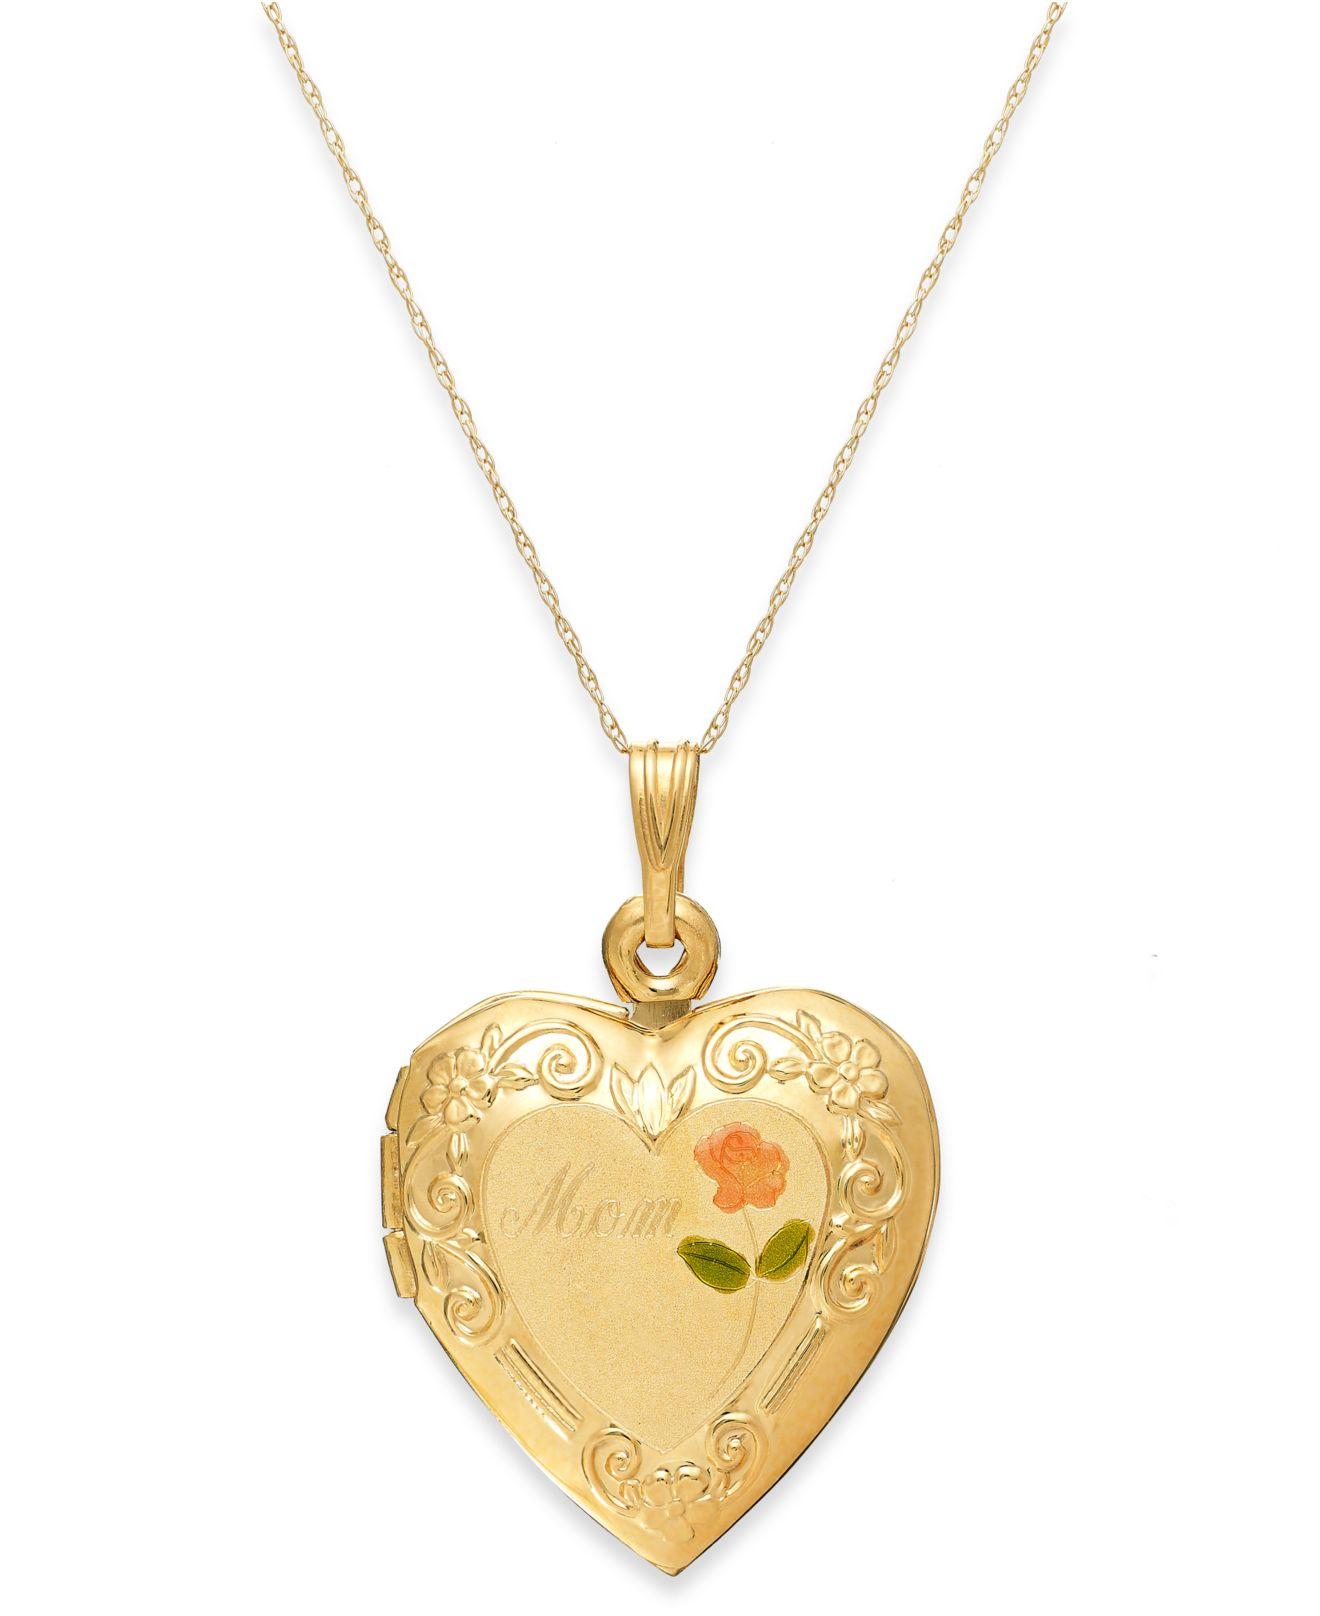 macy 39 s engraved mom rose heart locket necklace in 14k gold. Black Bedroom Furniture Sets. Home Design Ideas